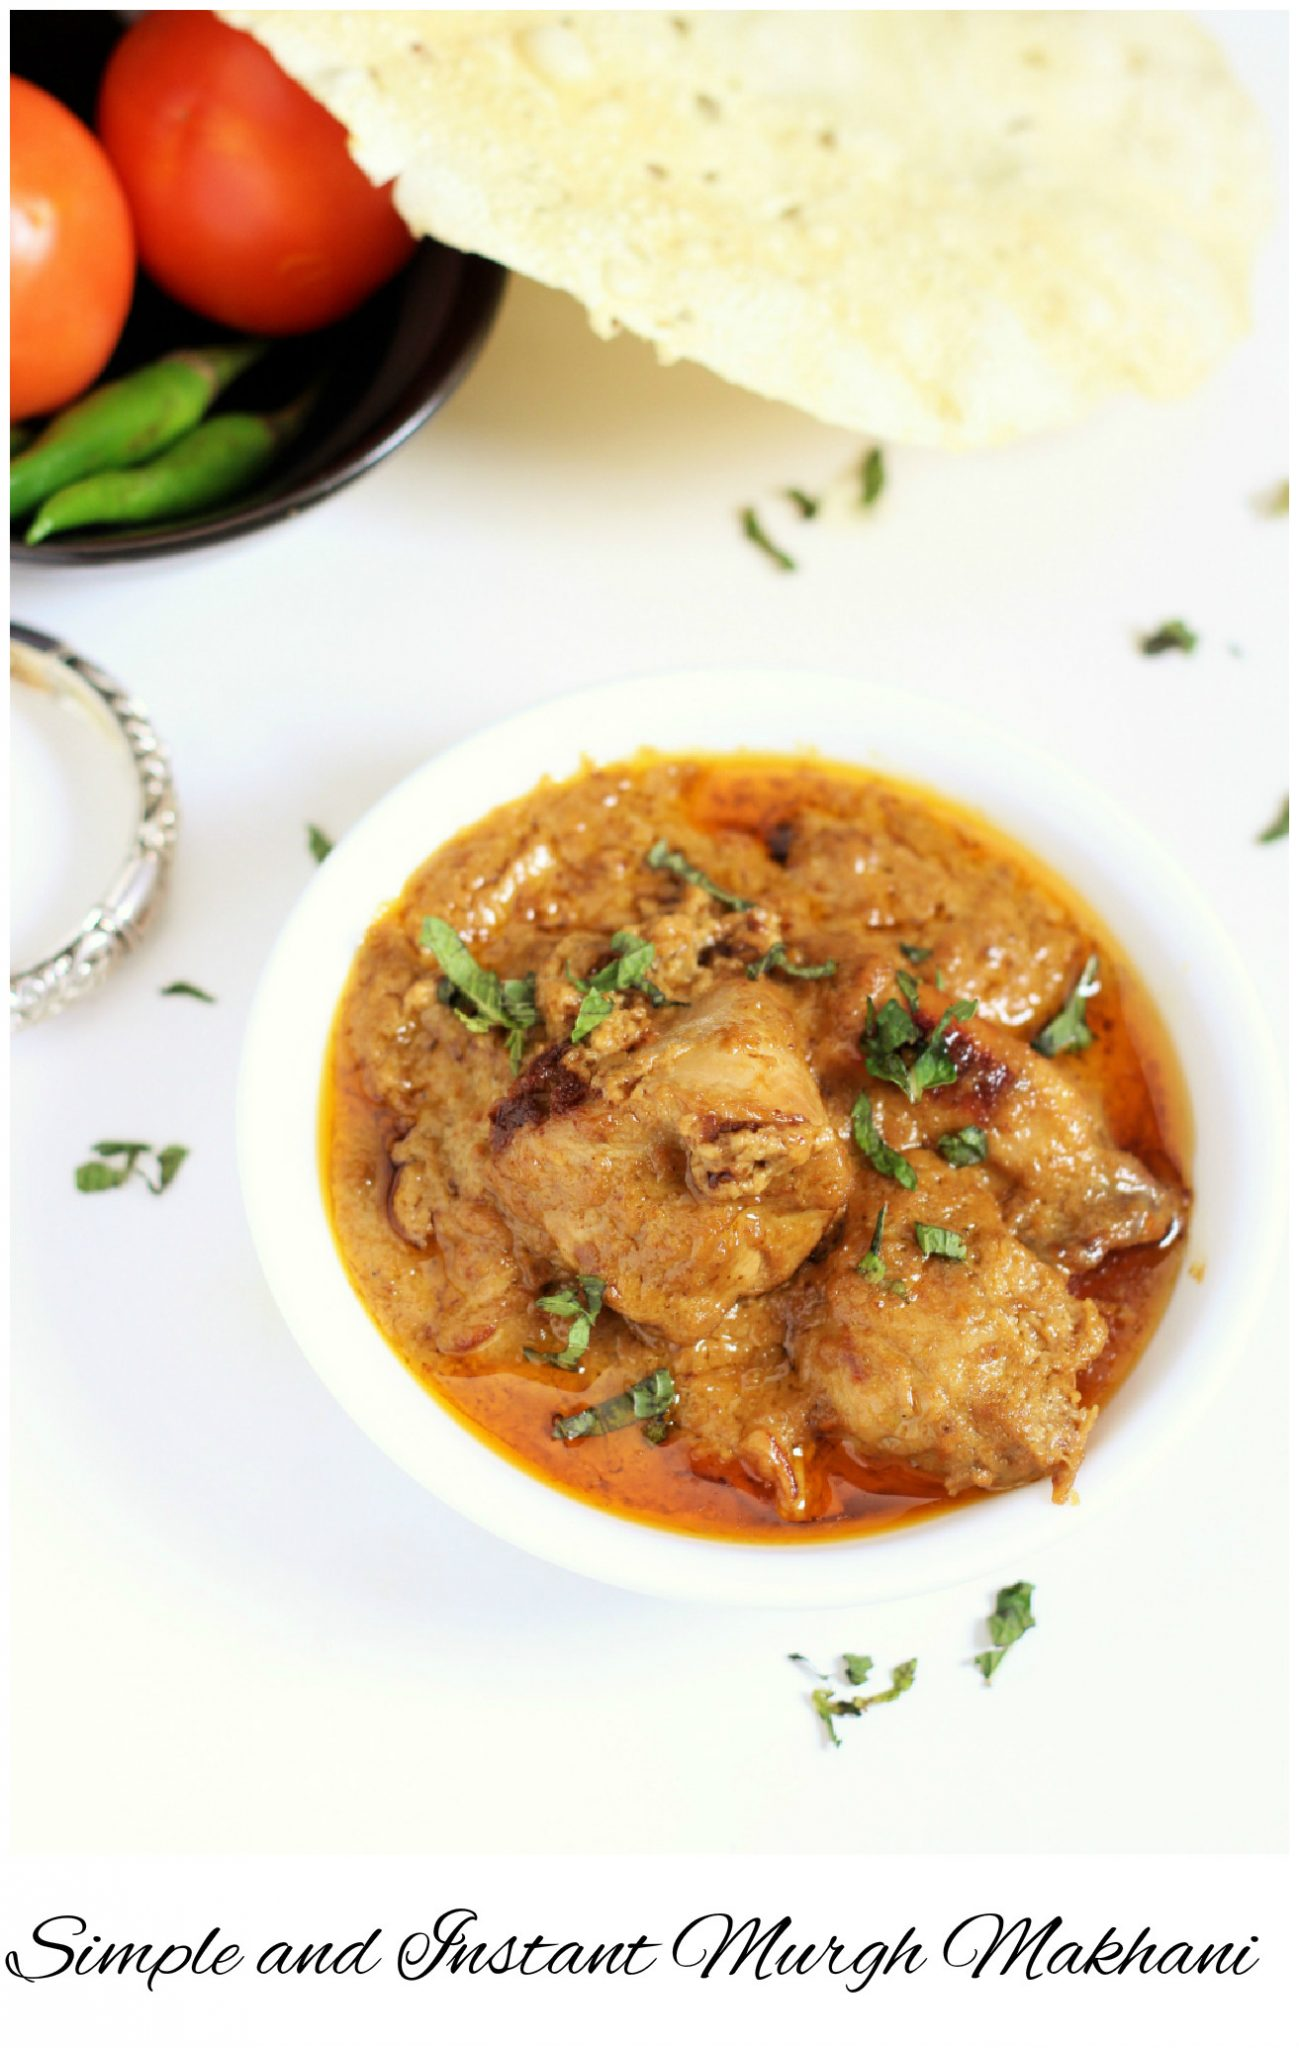 murgh makhani recipe